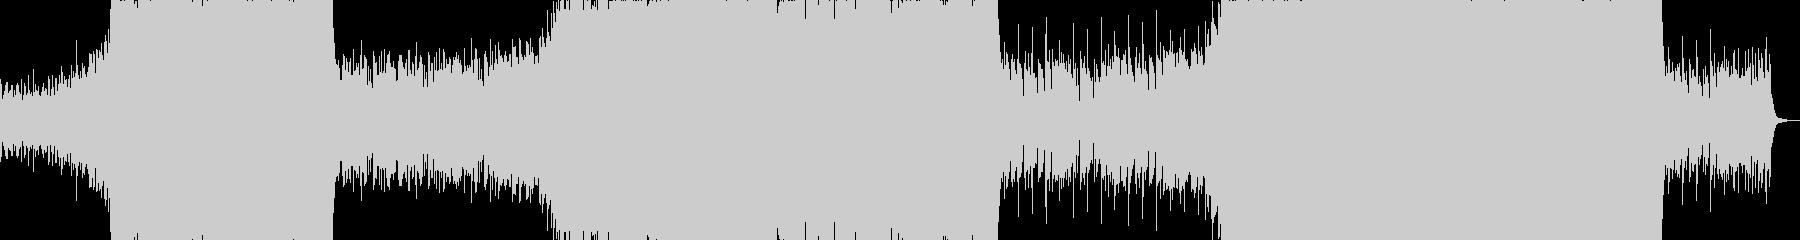 激しいシネマティックエピックサウンドの未再生の波形